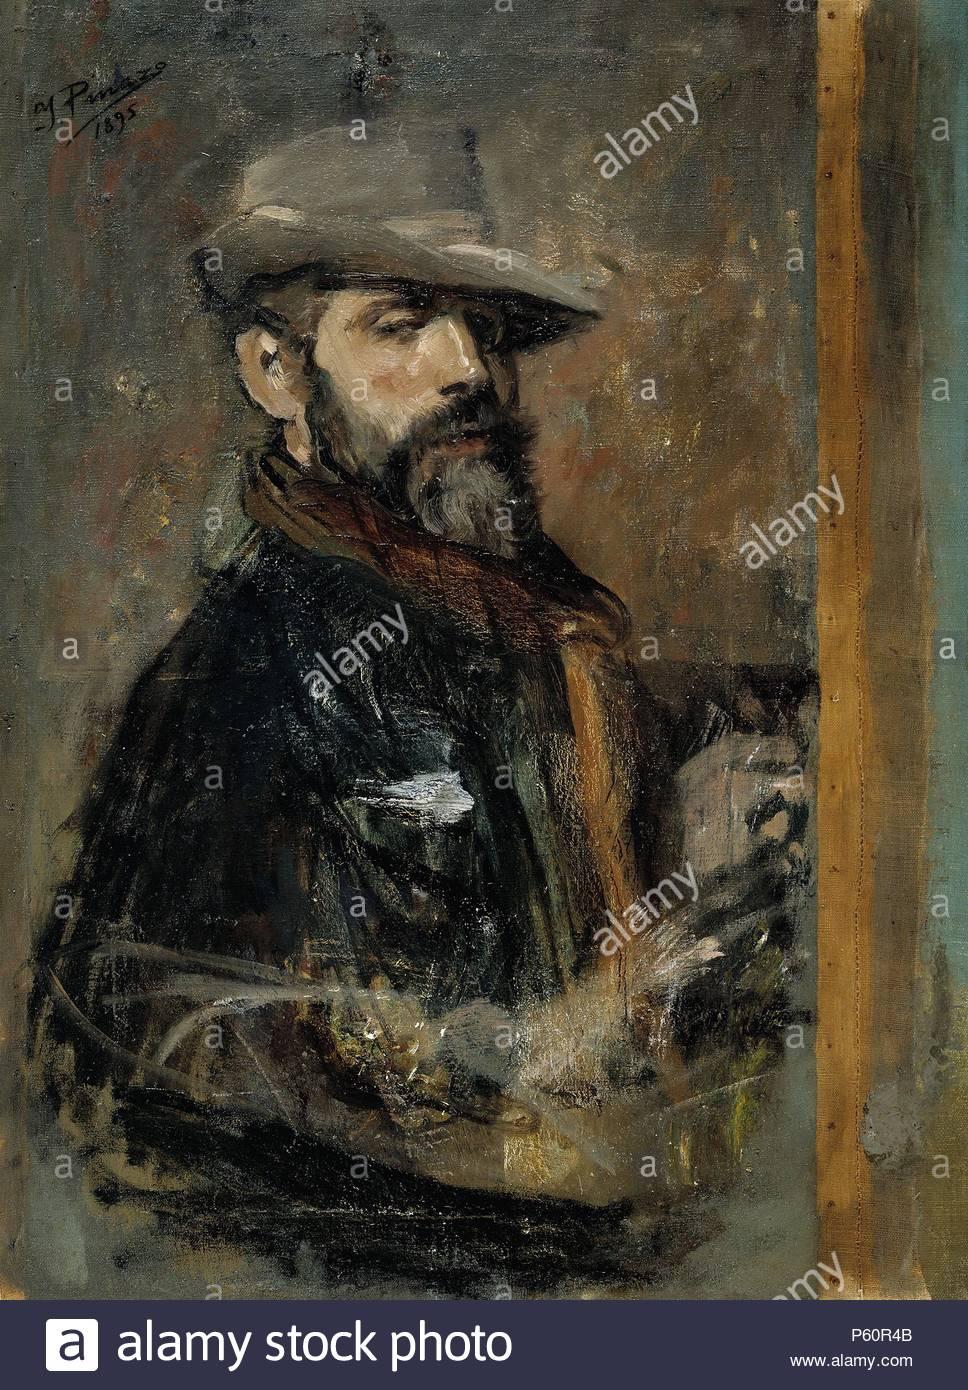 Ignacio Pinazo Camarlench    self-ritratto dipinto (Giovane con un cappello )